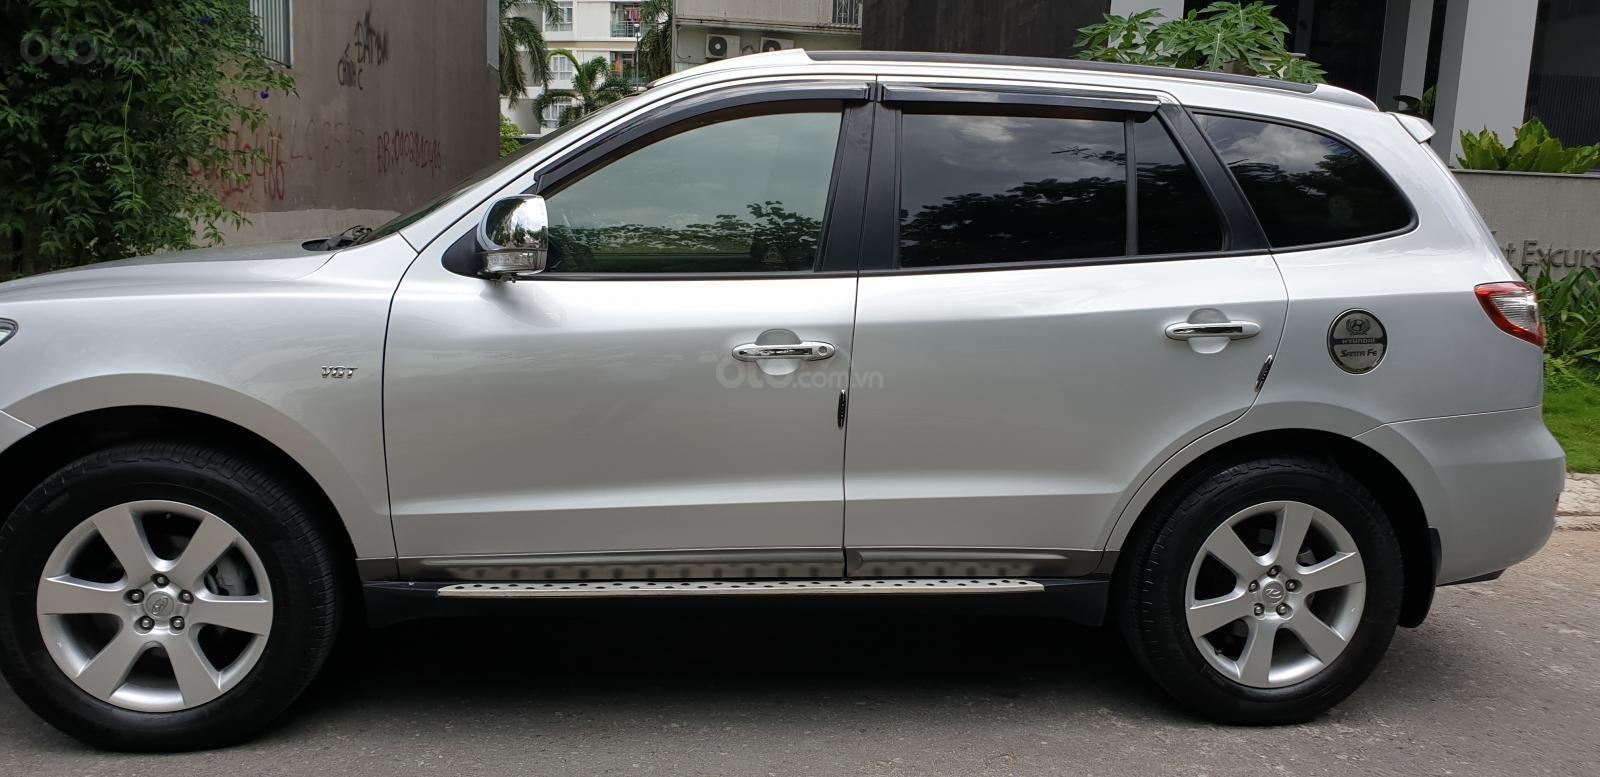 Bán Hyundai Santa Fe SLX 2.0 AT 4×2 2009, máy dầu, số tự động, màu bạc, nhập khẩu, mới 80%-2